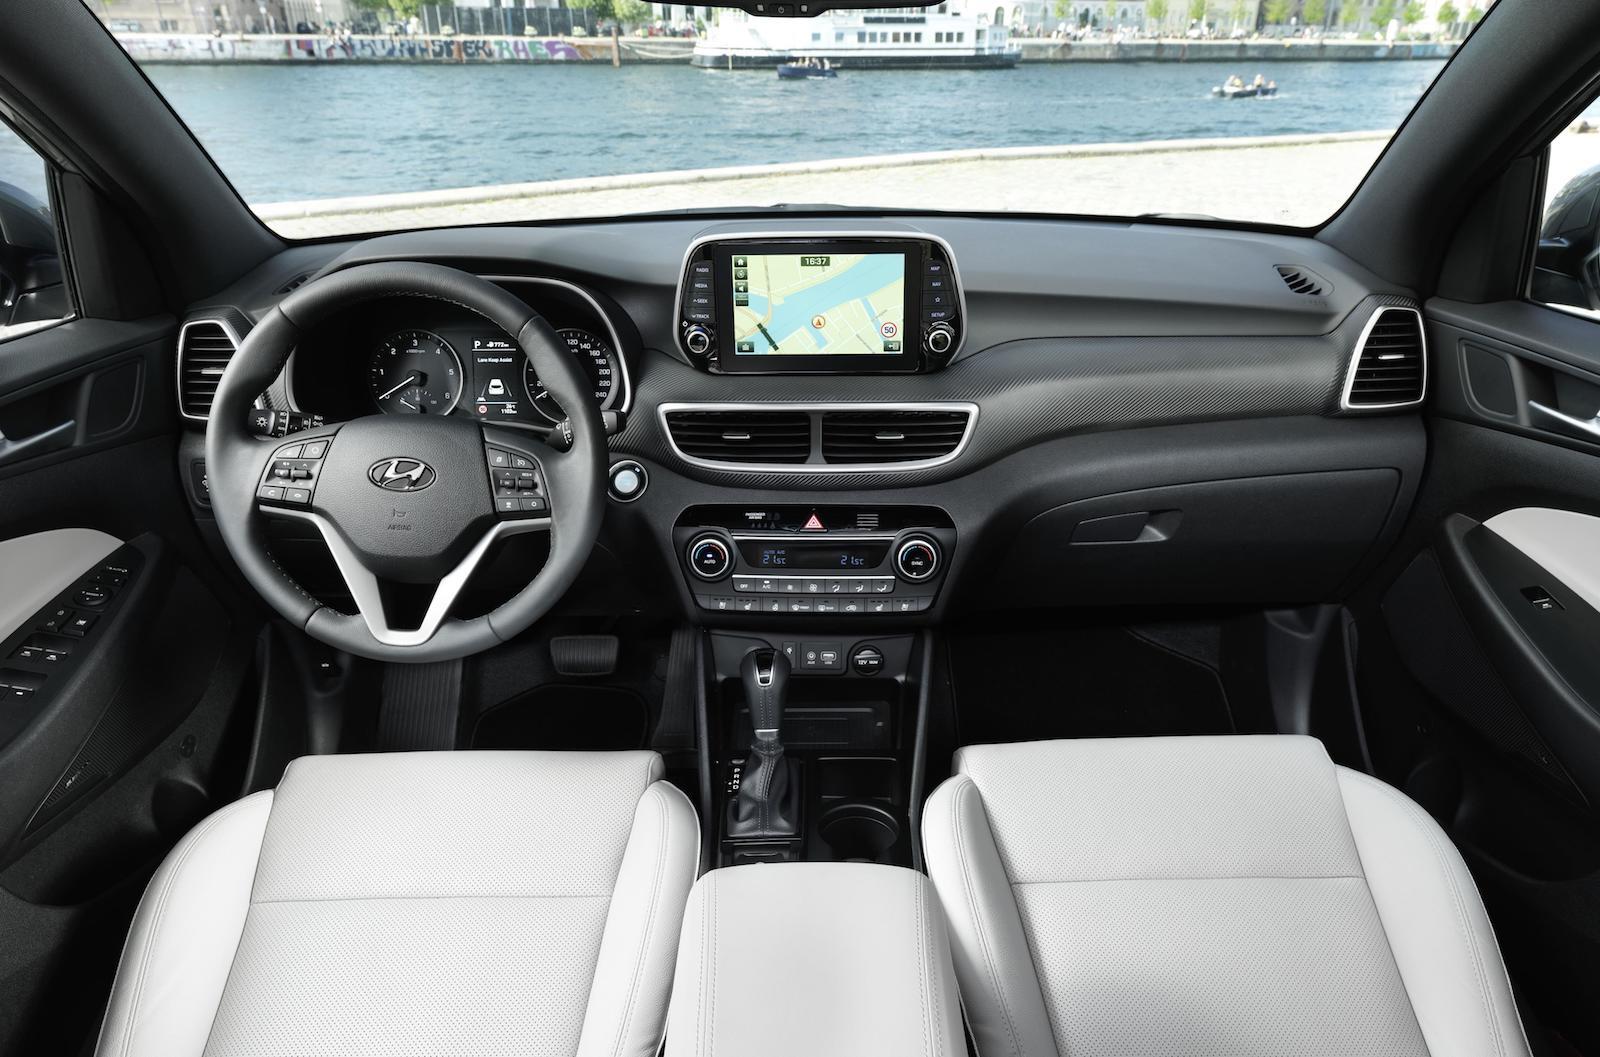 Elegant 2019 Hyundai Tucson Interior Pictures